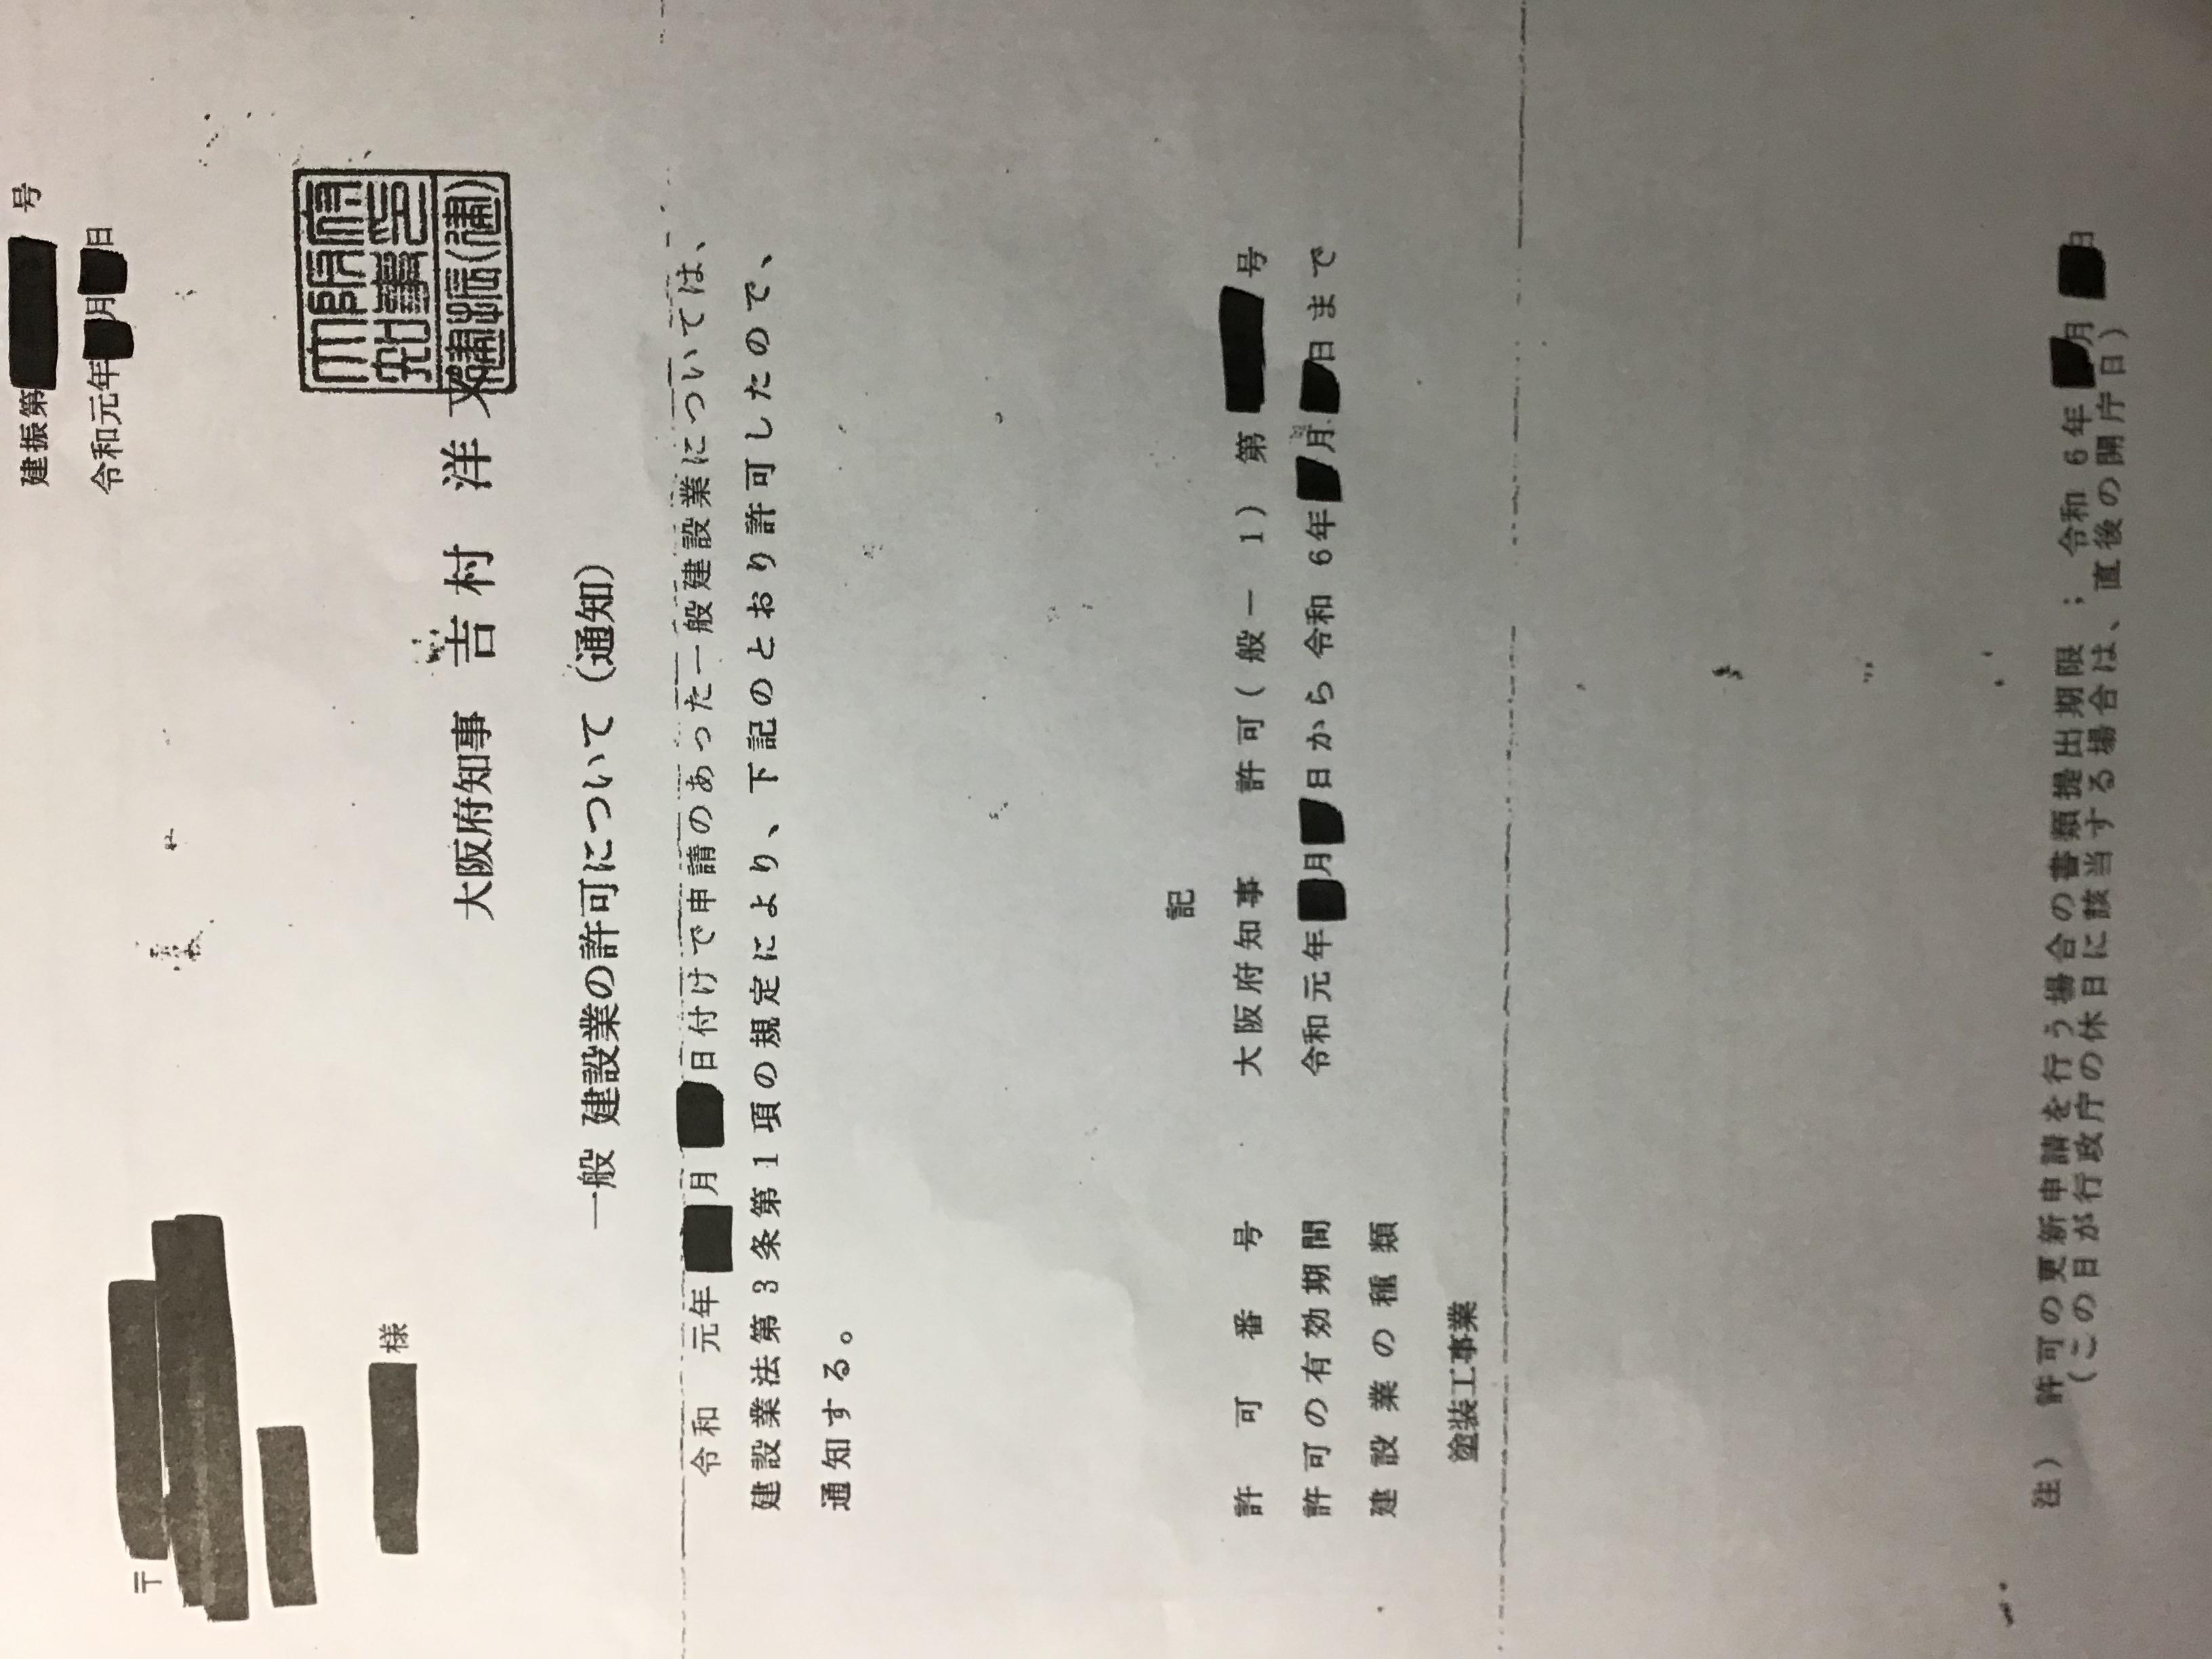 大阪府知事一般建設業許可 塗装工事業 個人事業主様